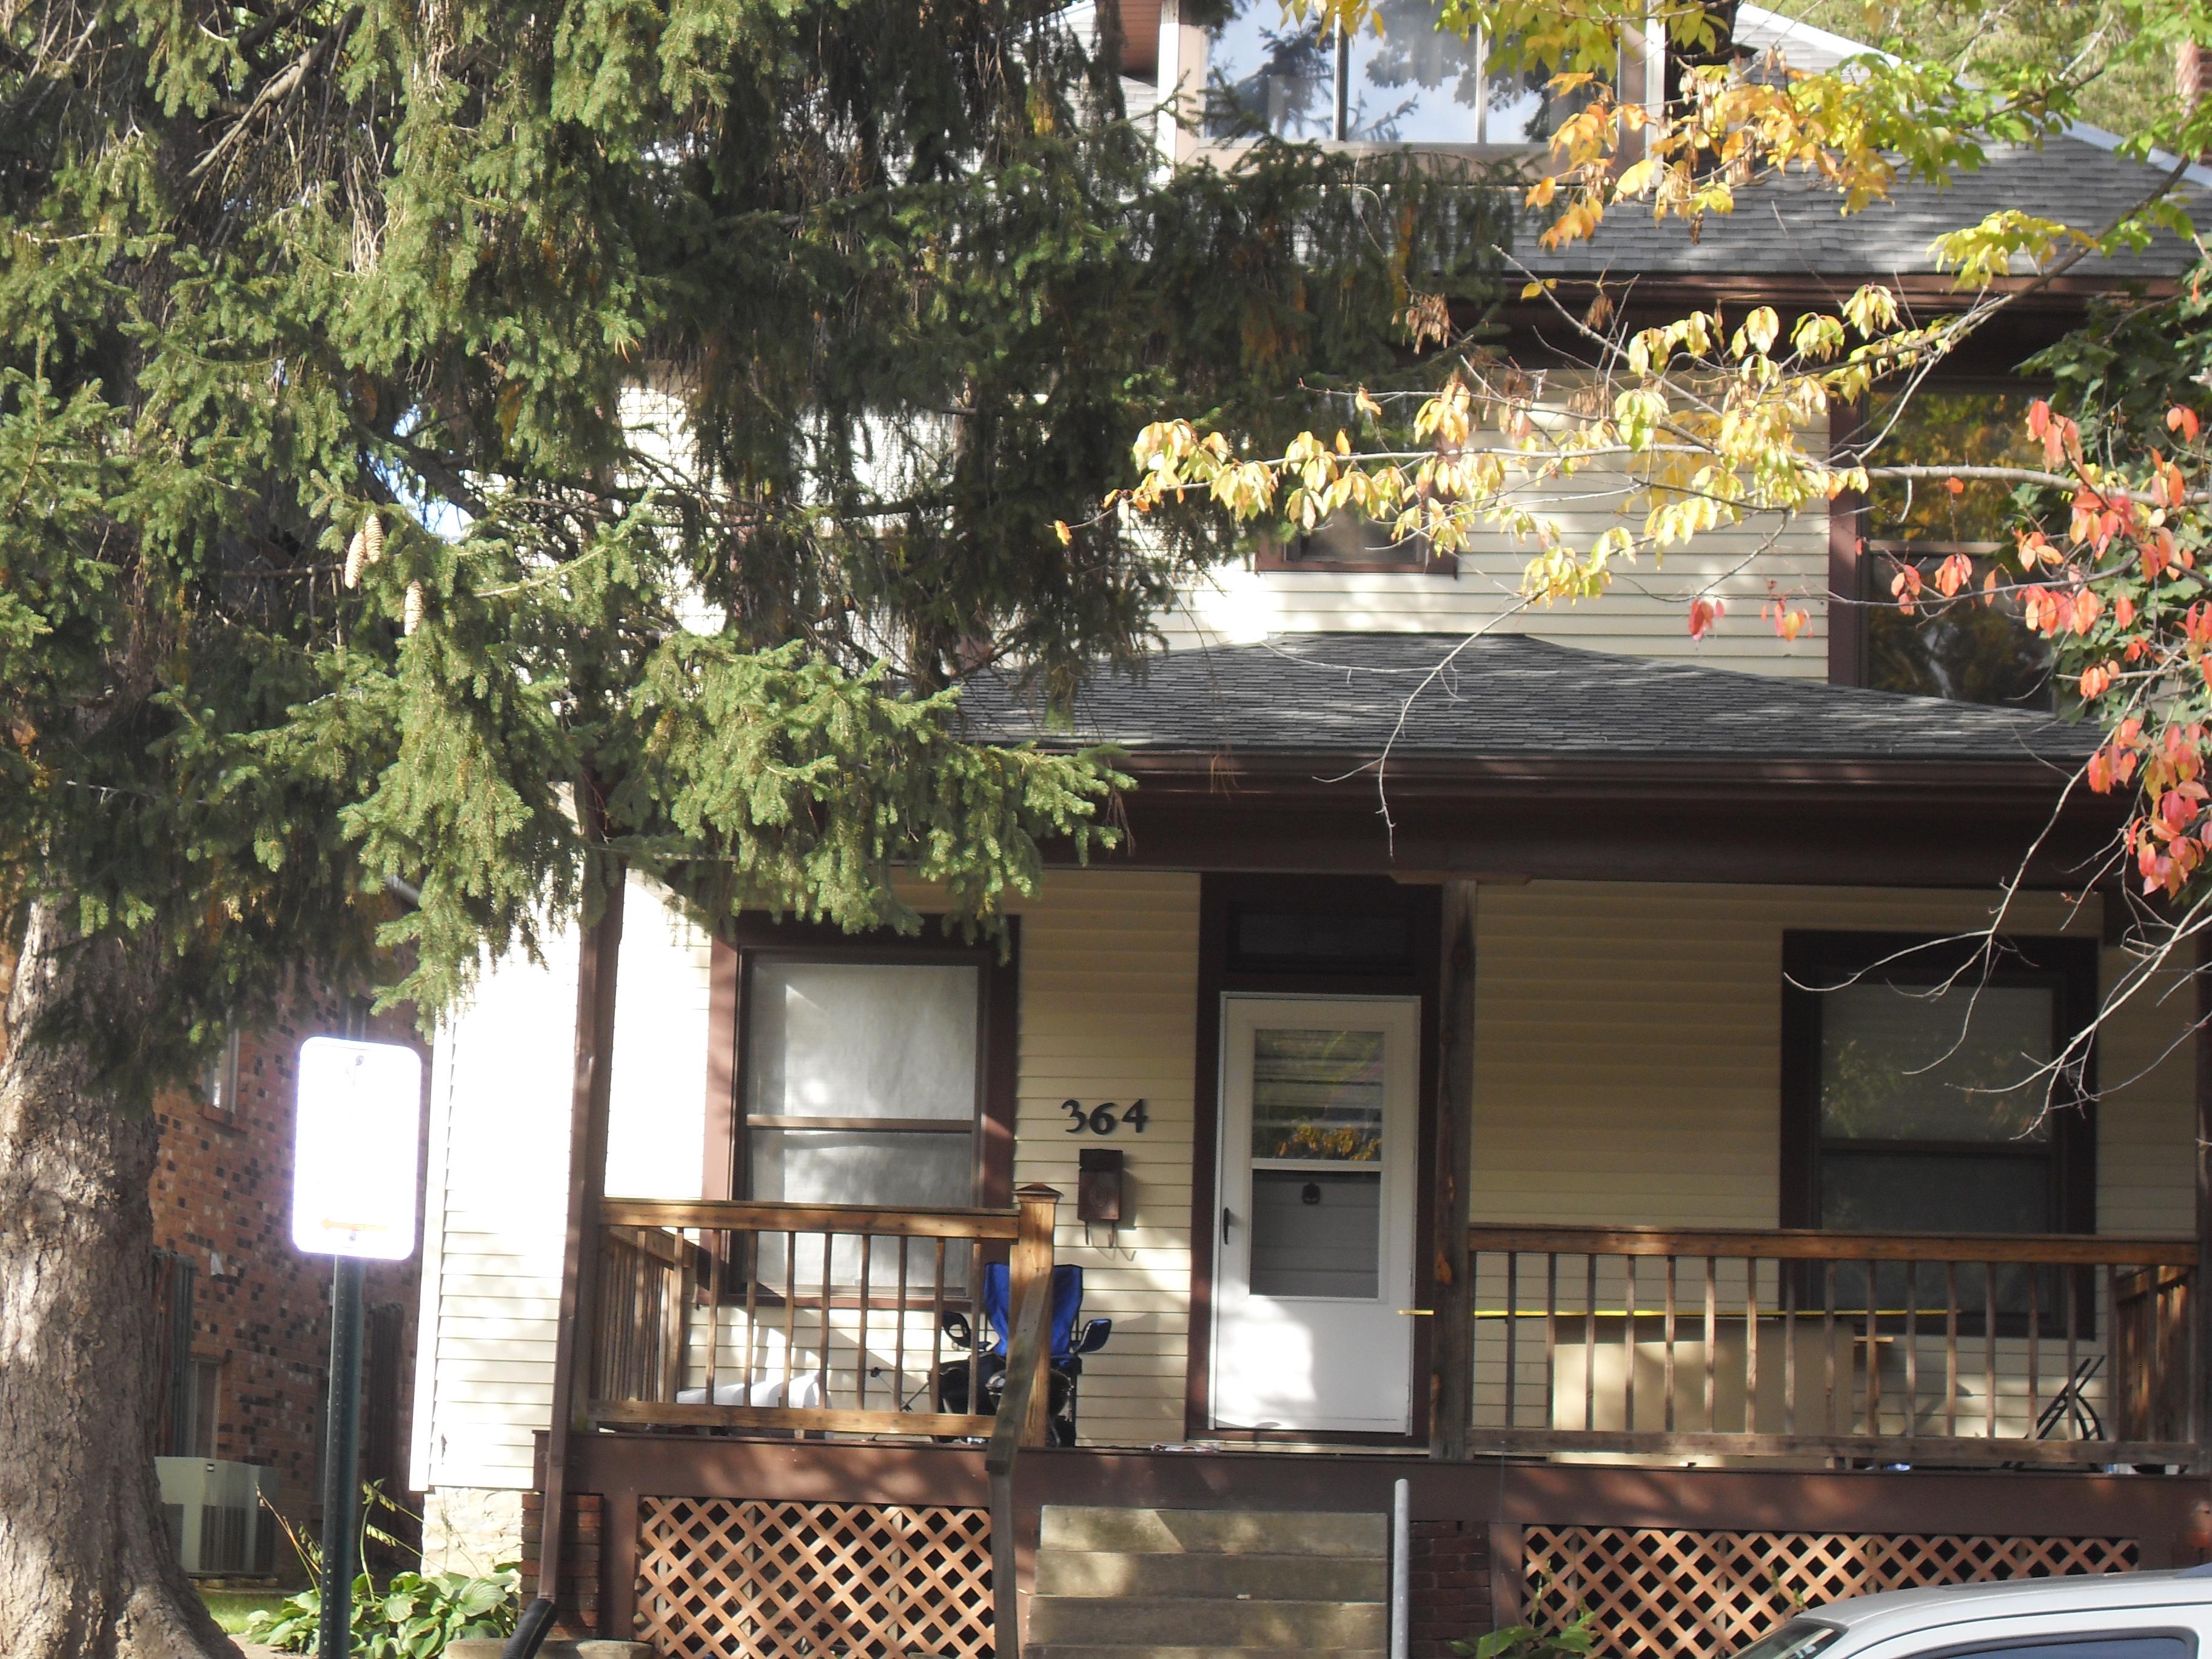 364 E. Northwood Ave.